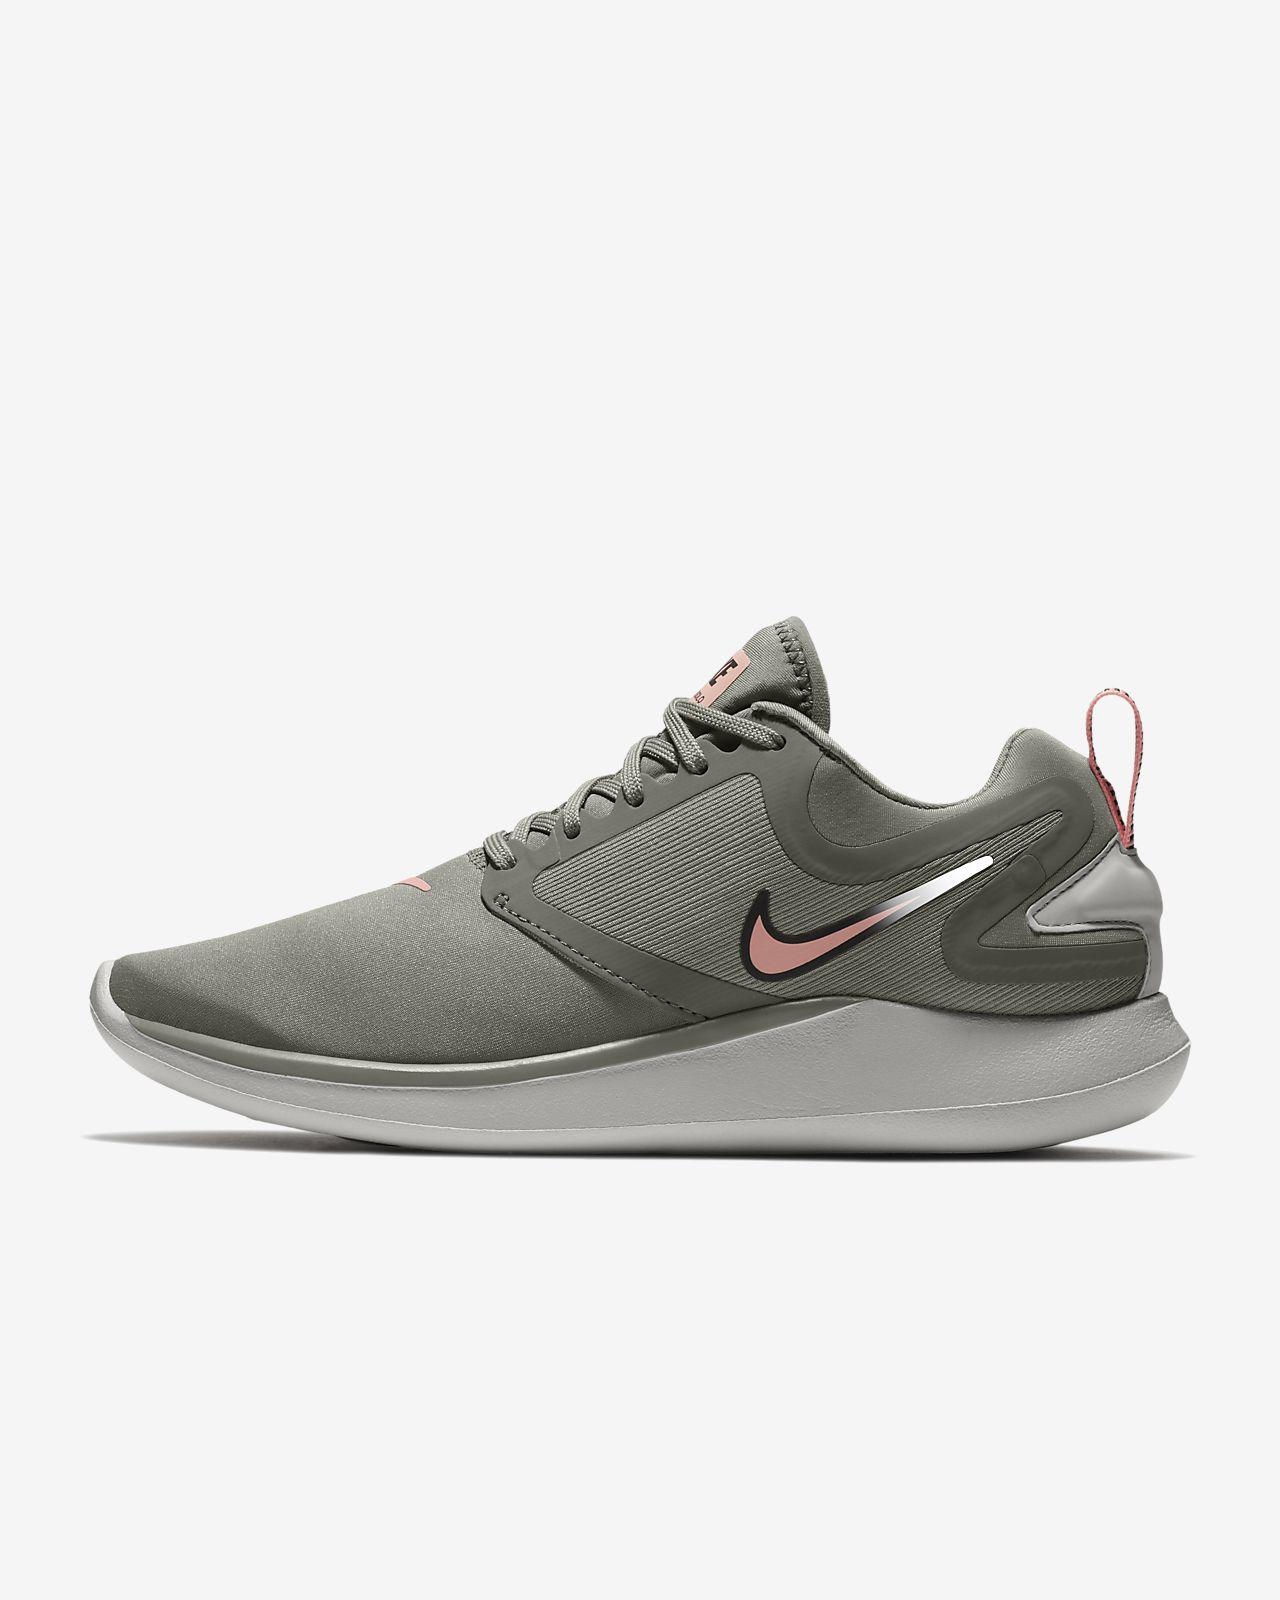 Nike Wmns Lunarsolo Dark Grey/Multu-Color-Black Running Training AA4080-012